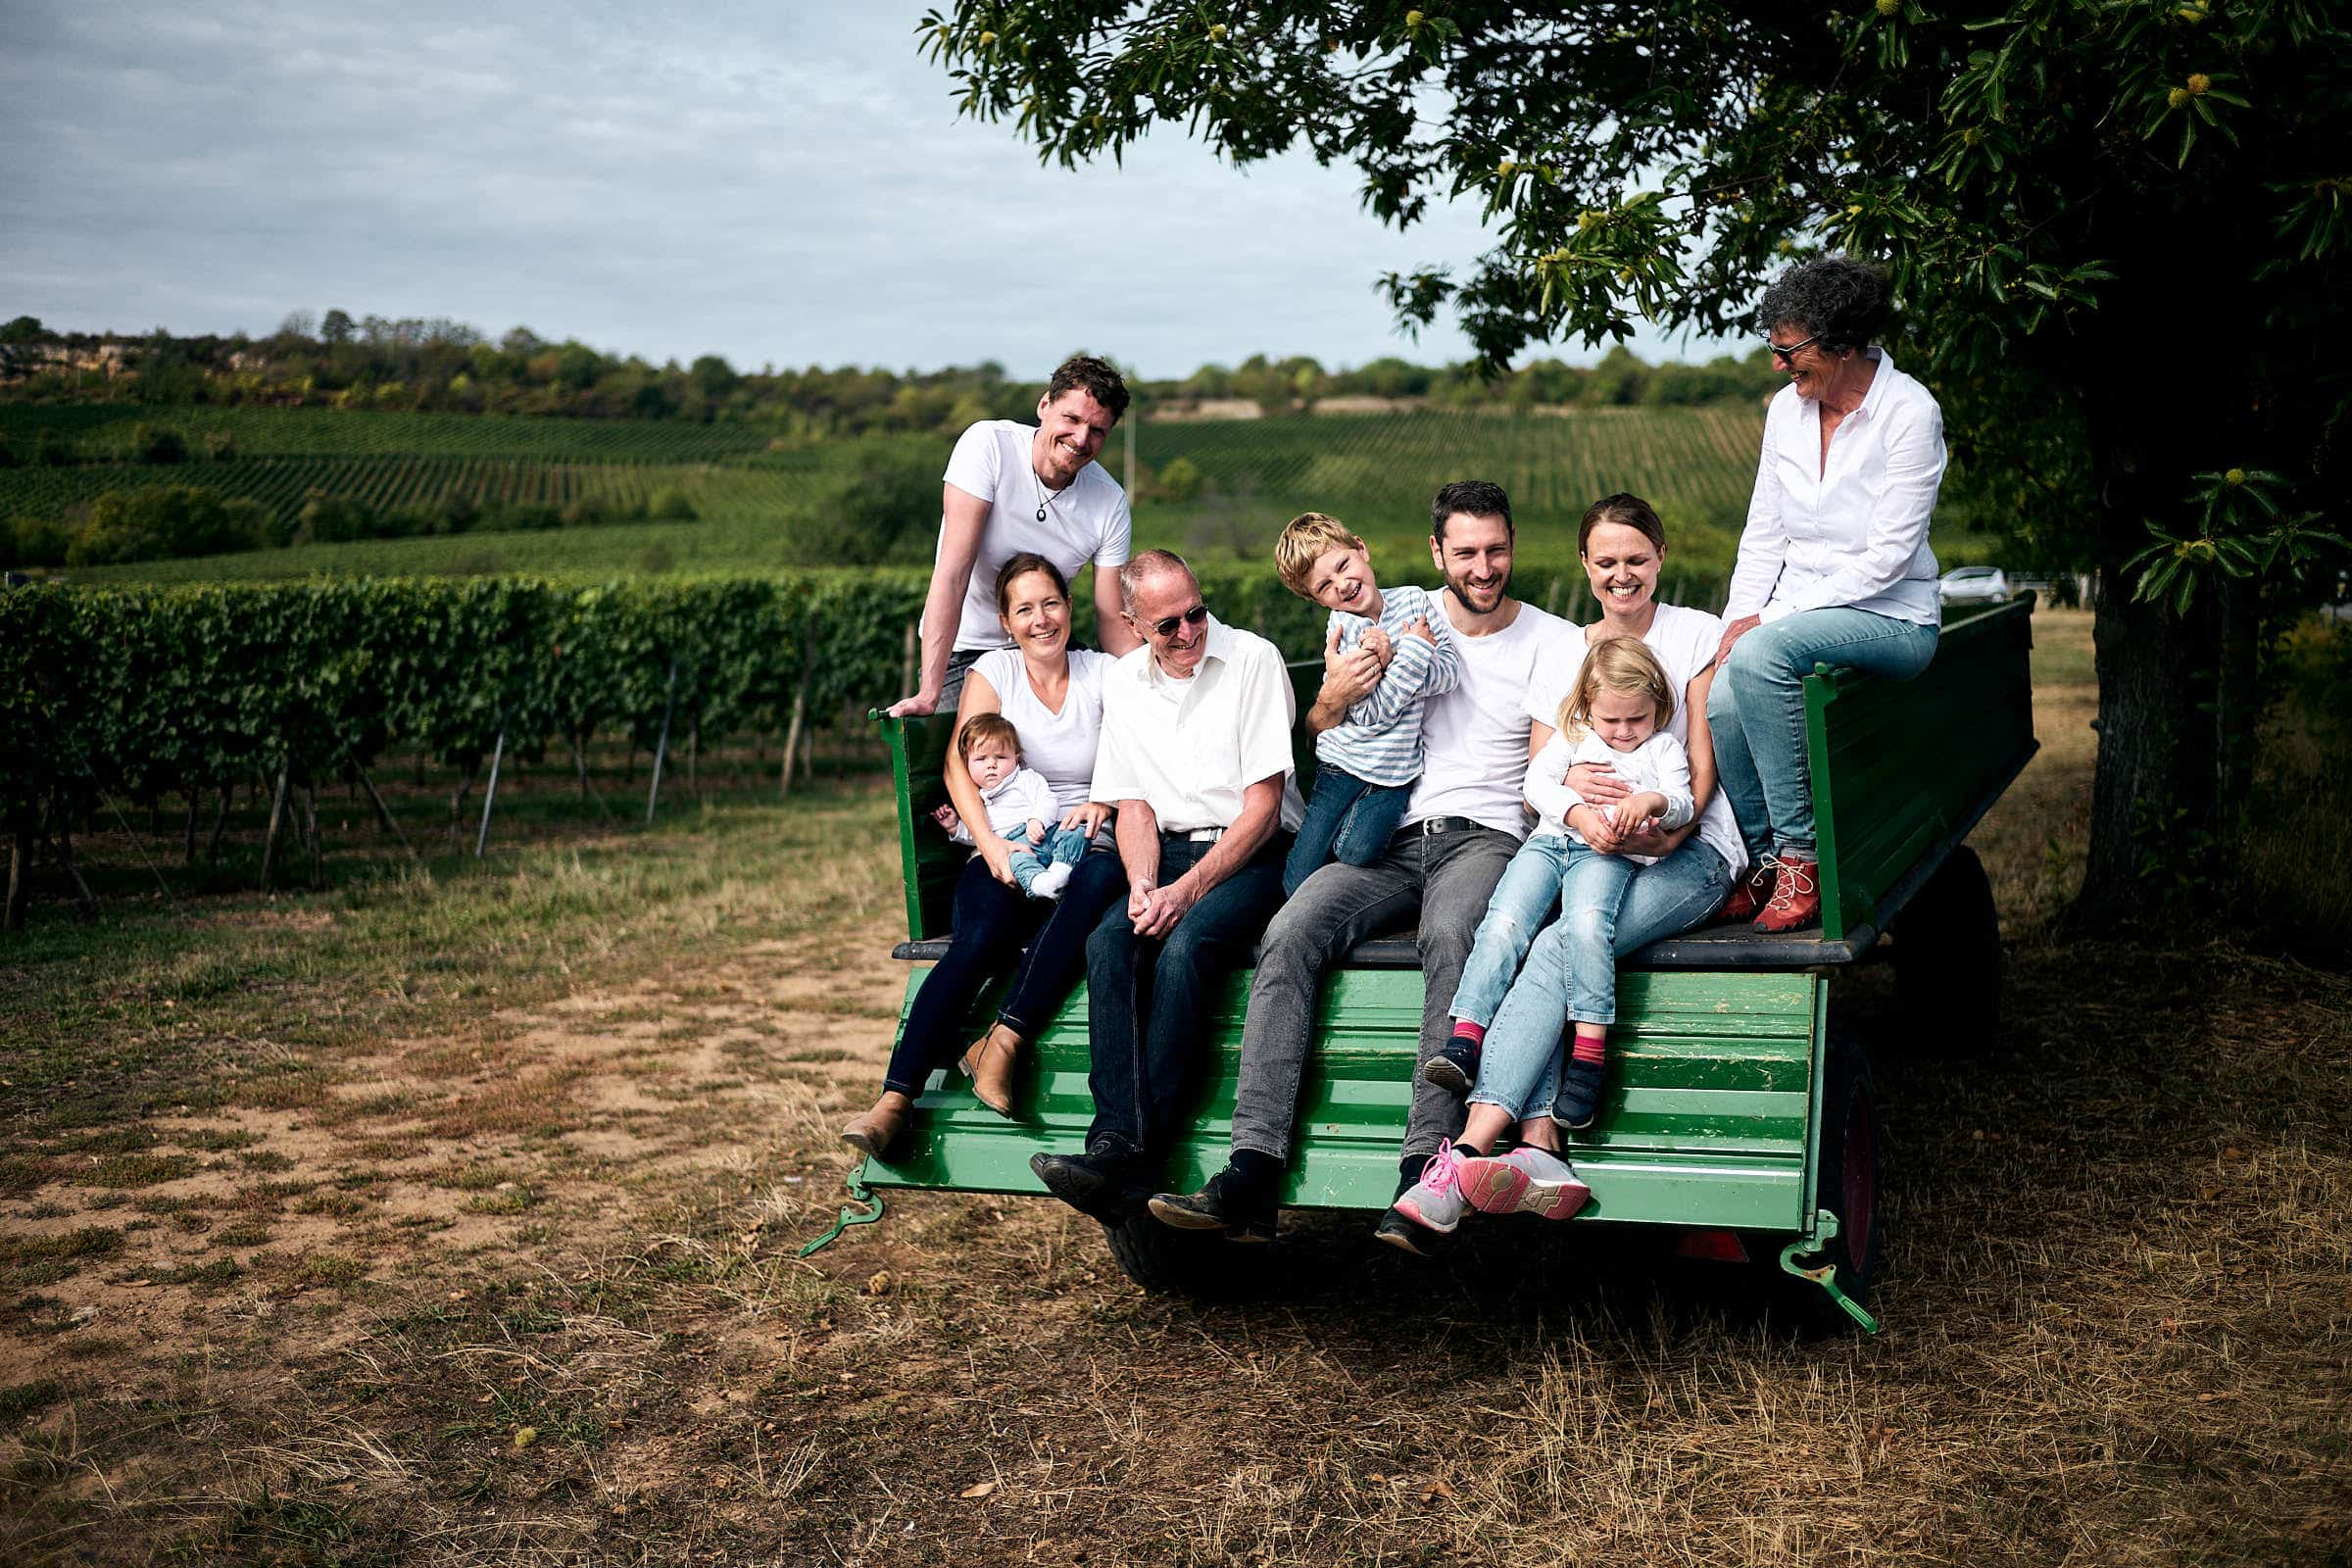 familien shooting mit drei generationen - Eine Familie sitzt für das Shooting auf einen Anhänger eines Wein-Bauern in der Pfalz.